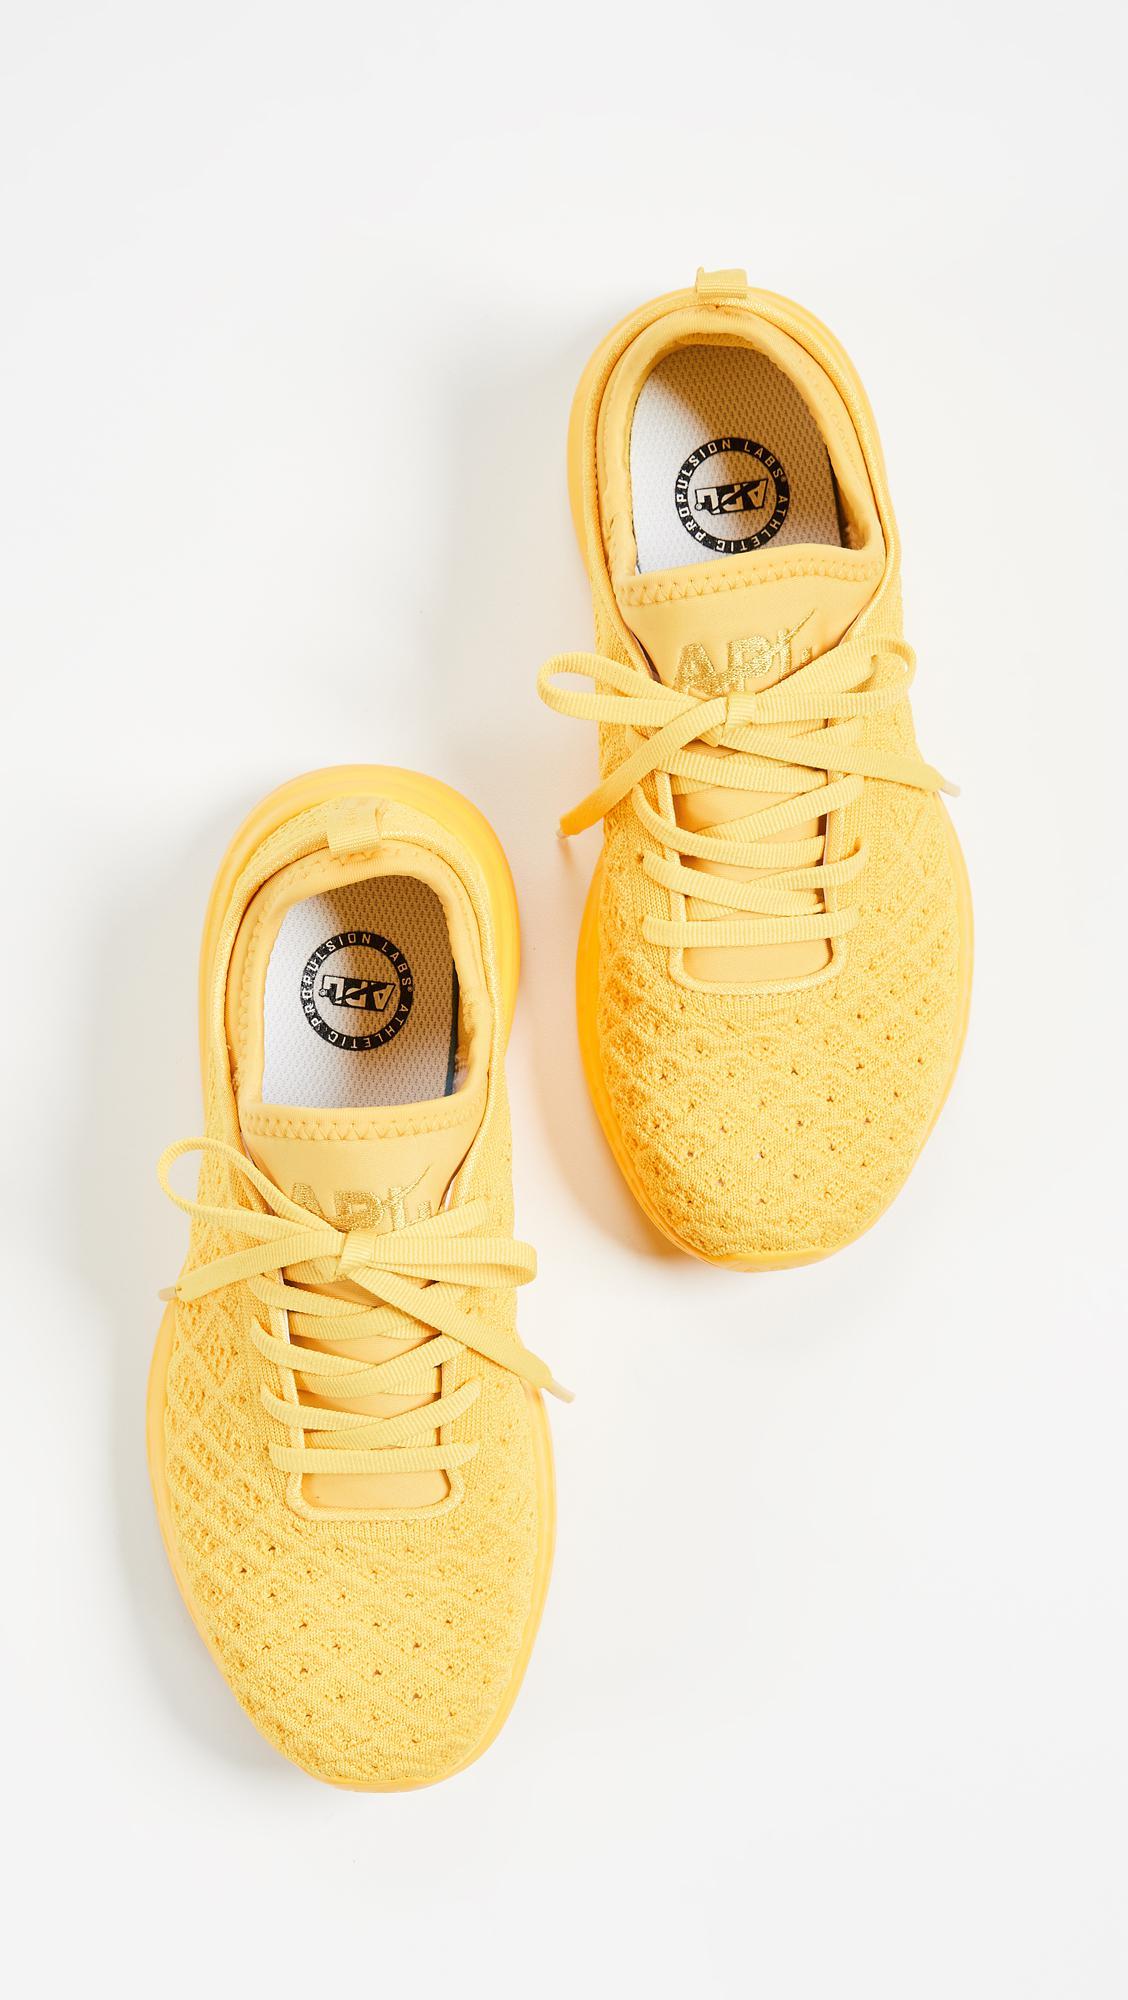 APL Shoes Techloom Phantom Sneakers in